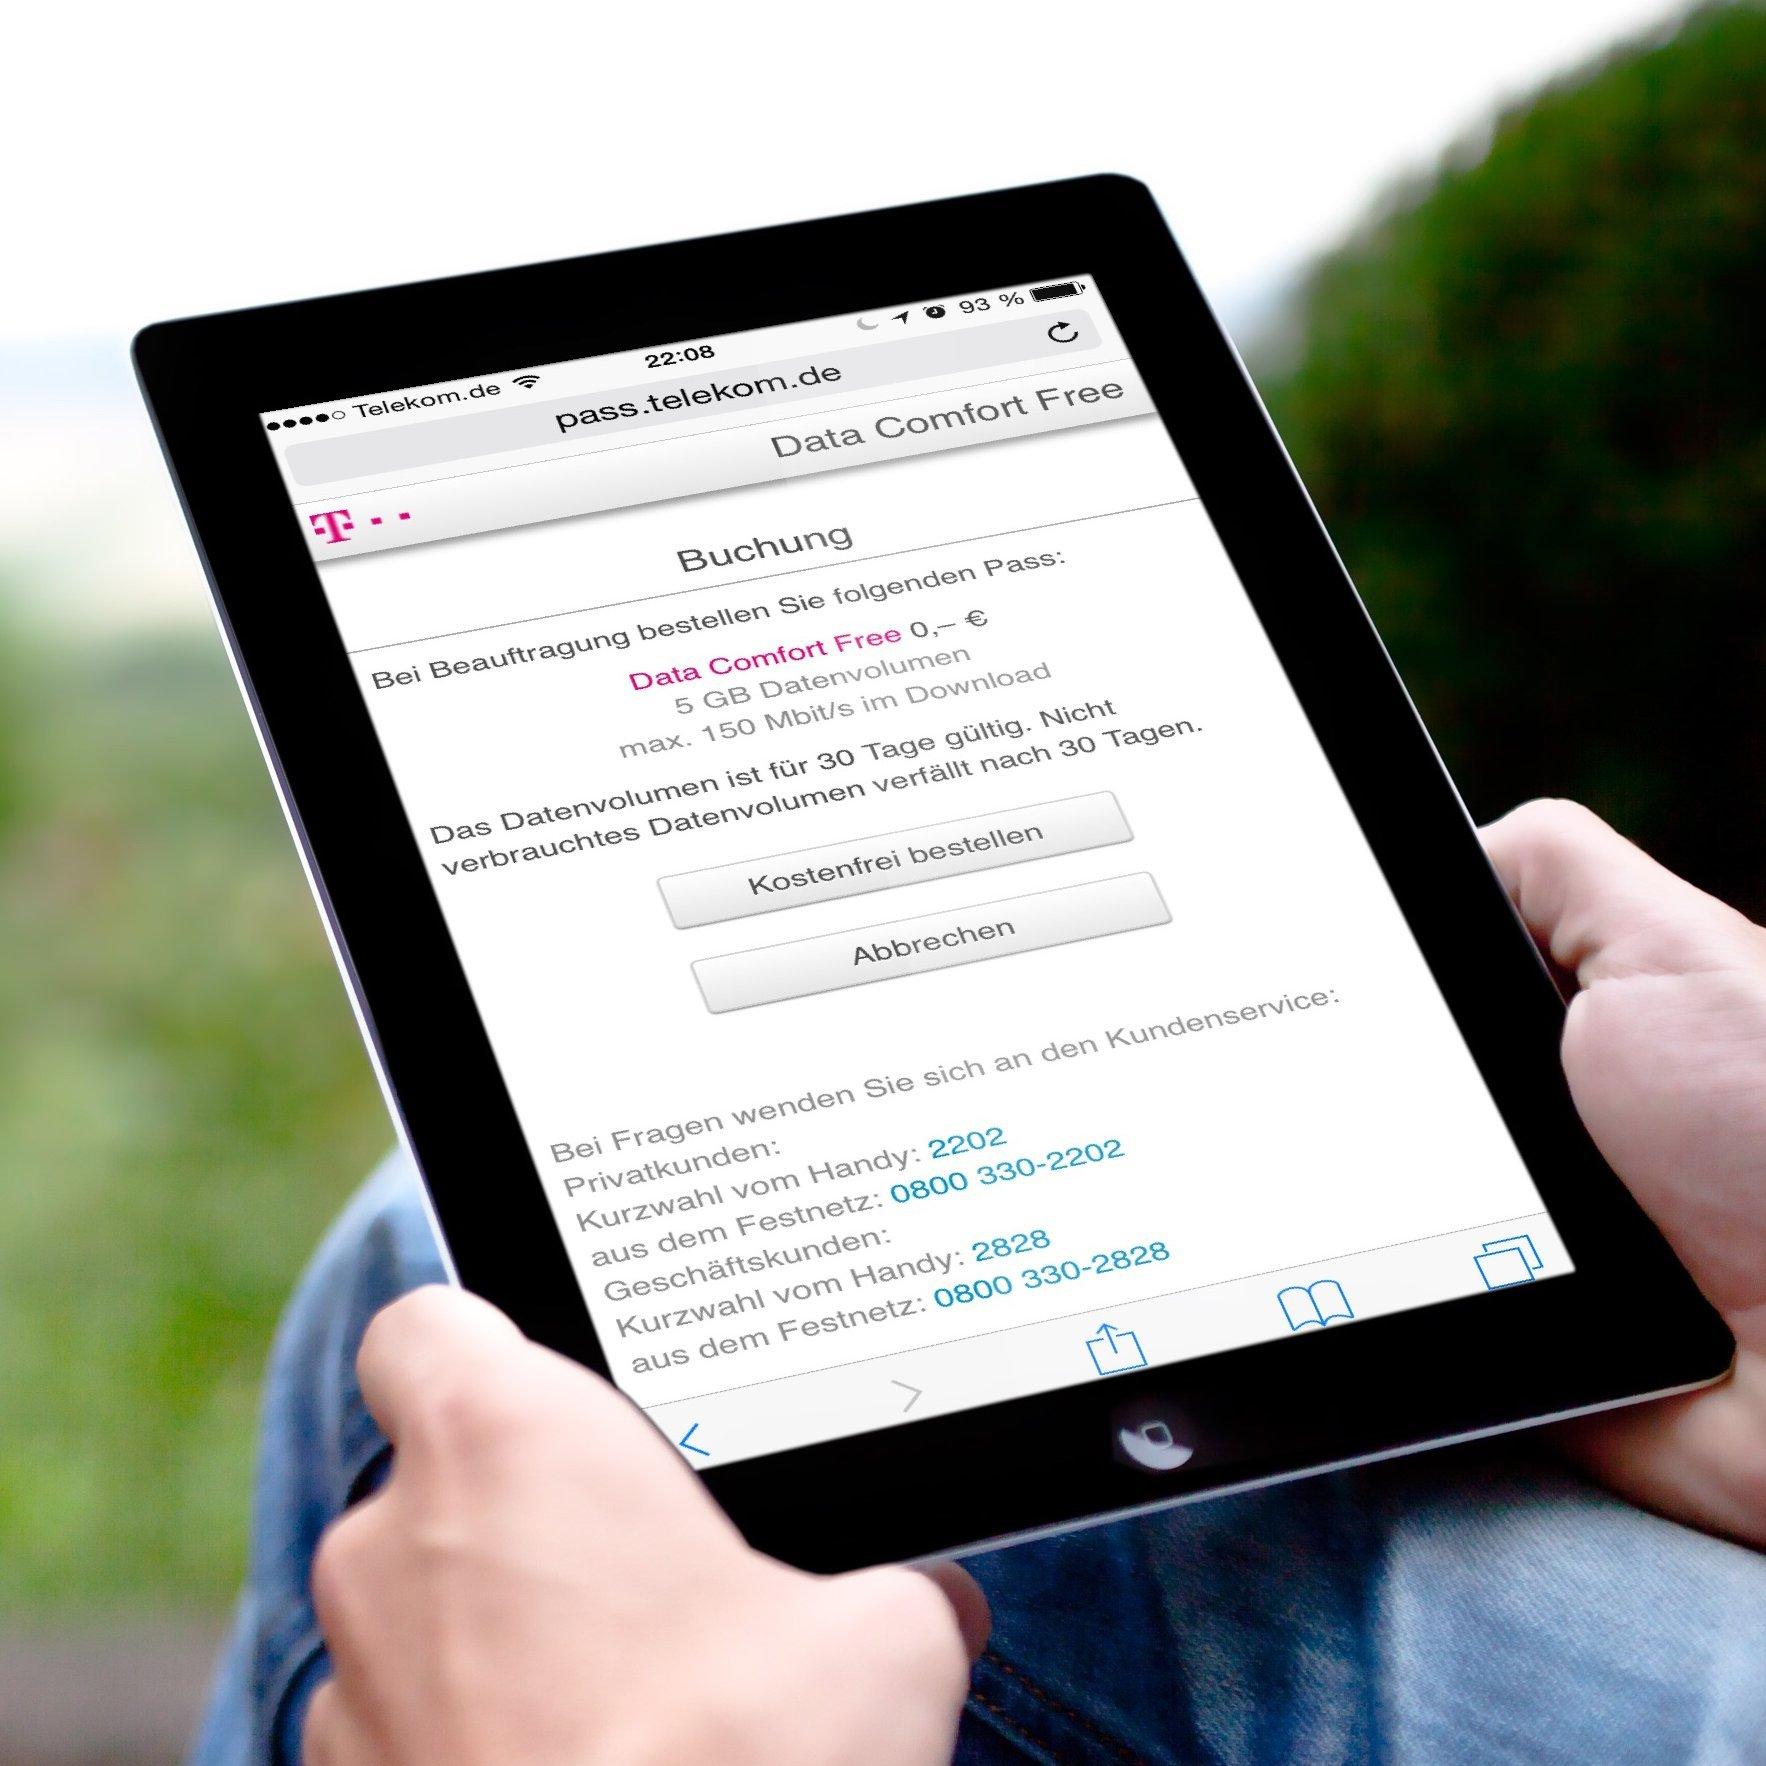 telekom sim karte bestellen kostenlos Kostenlose LTE SIM Karte der Telekom für iPad einrichten   Mobil